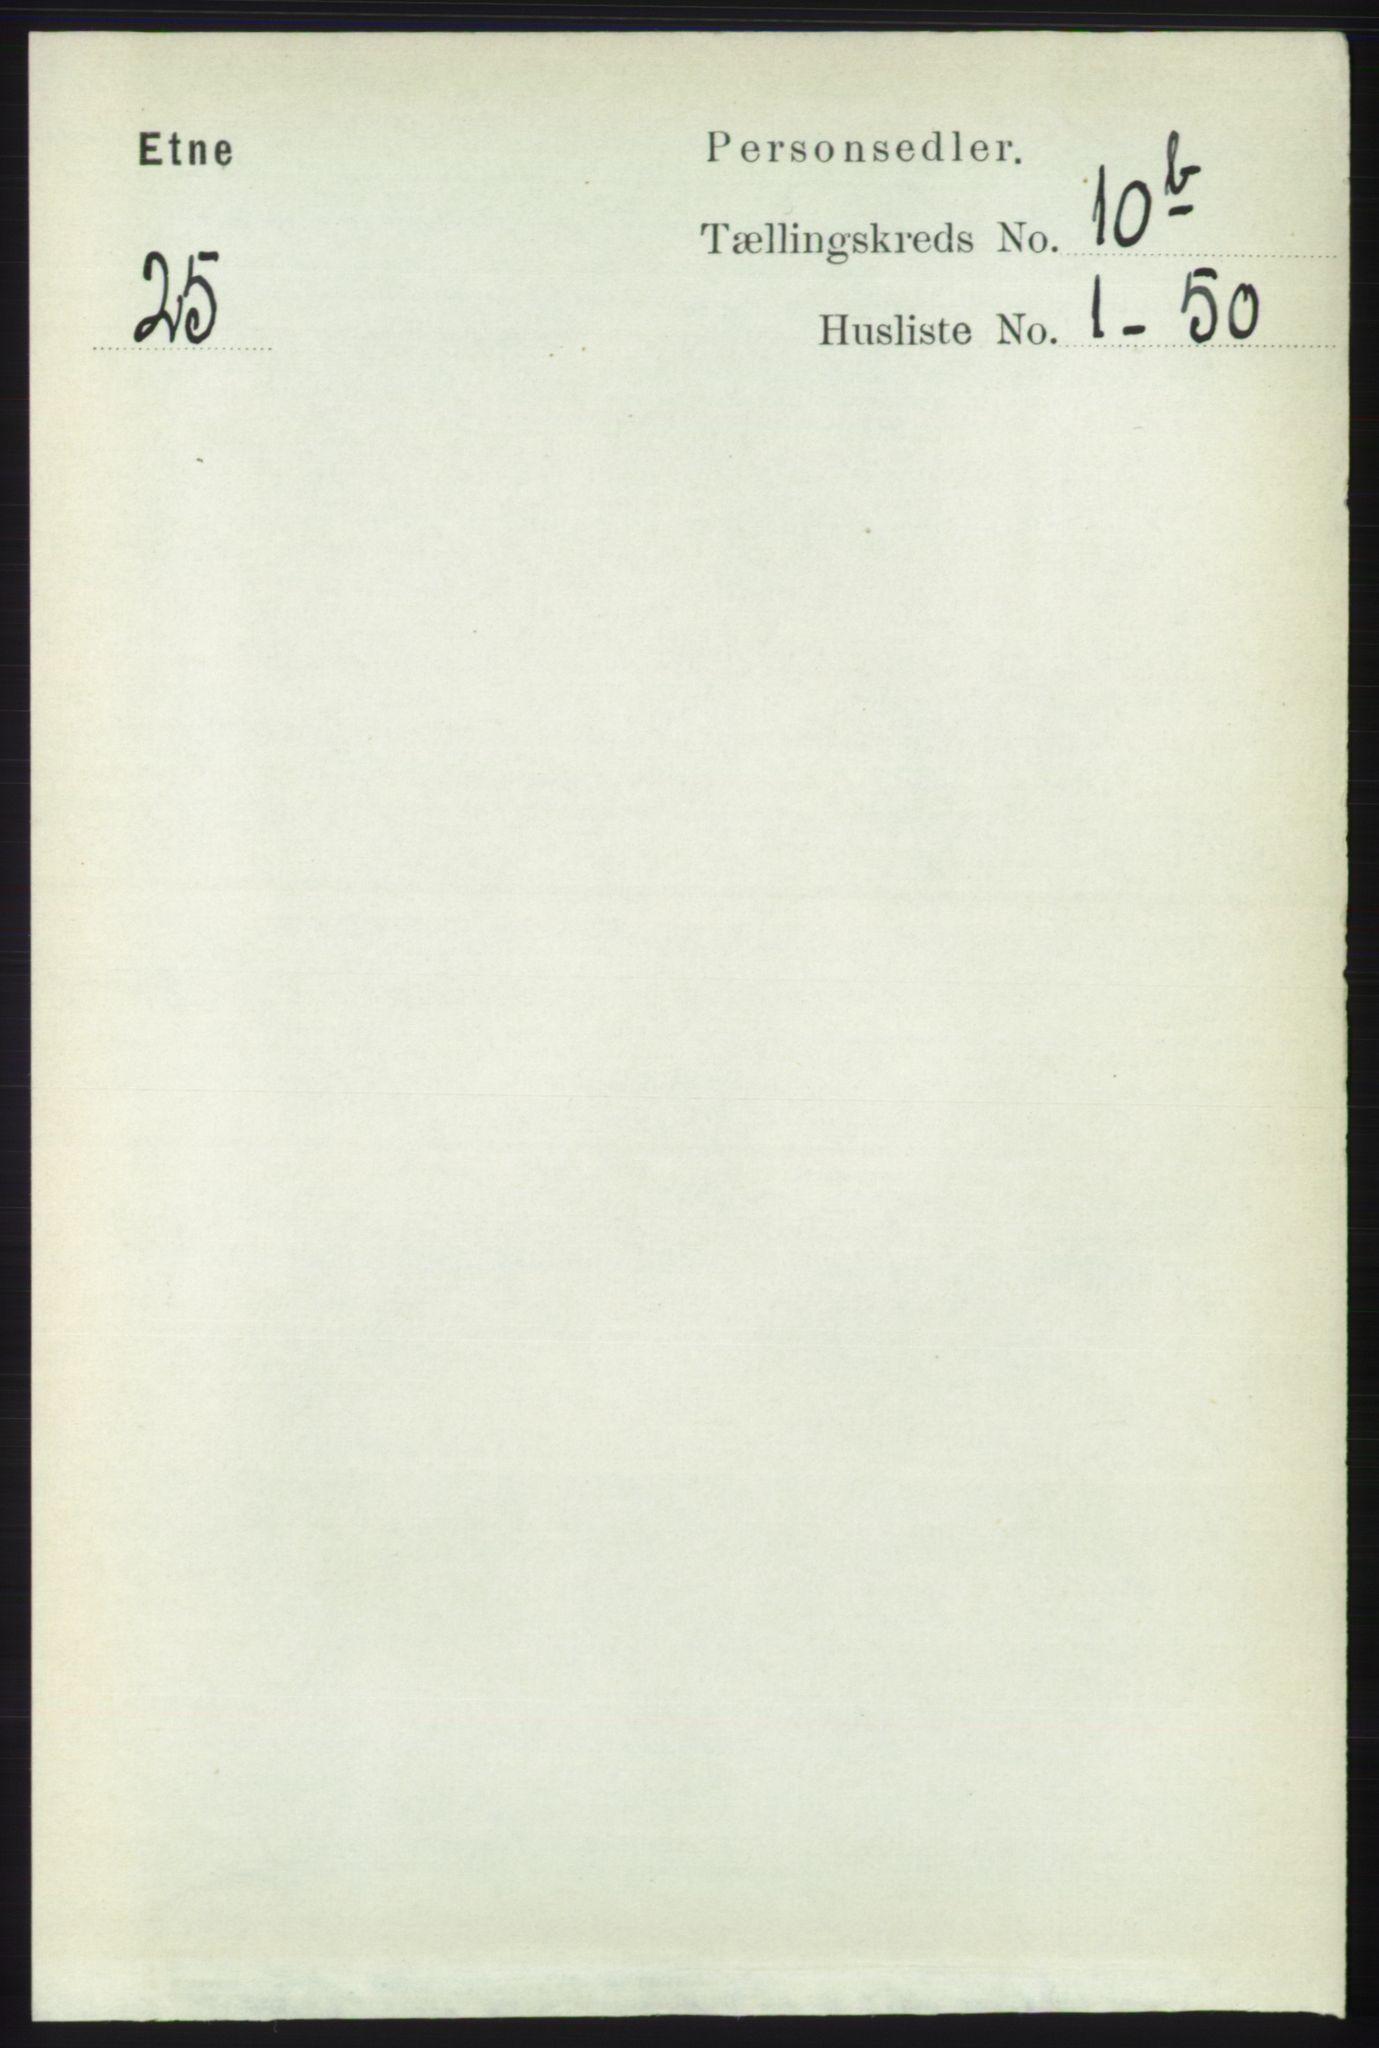 RA, Folketelling 1891 for 1211 Etne herred, 1891, s. 2003